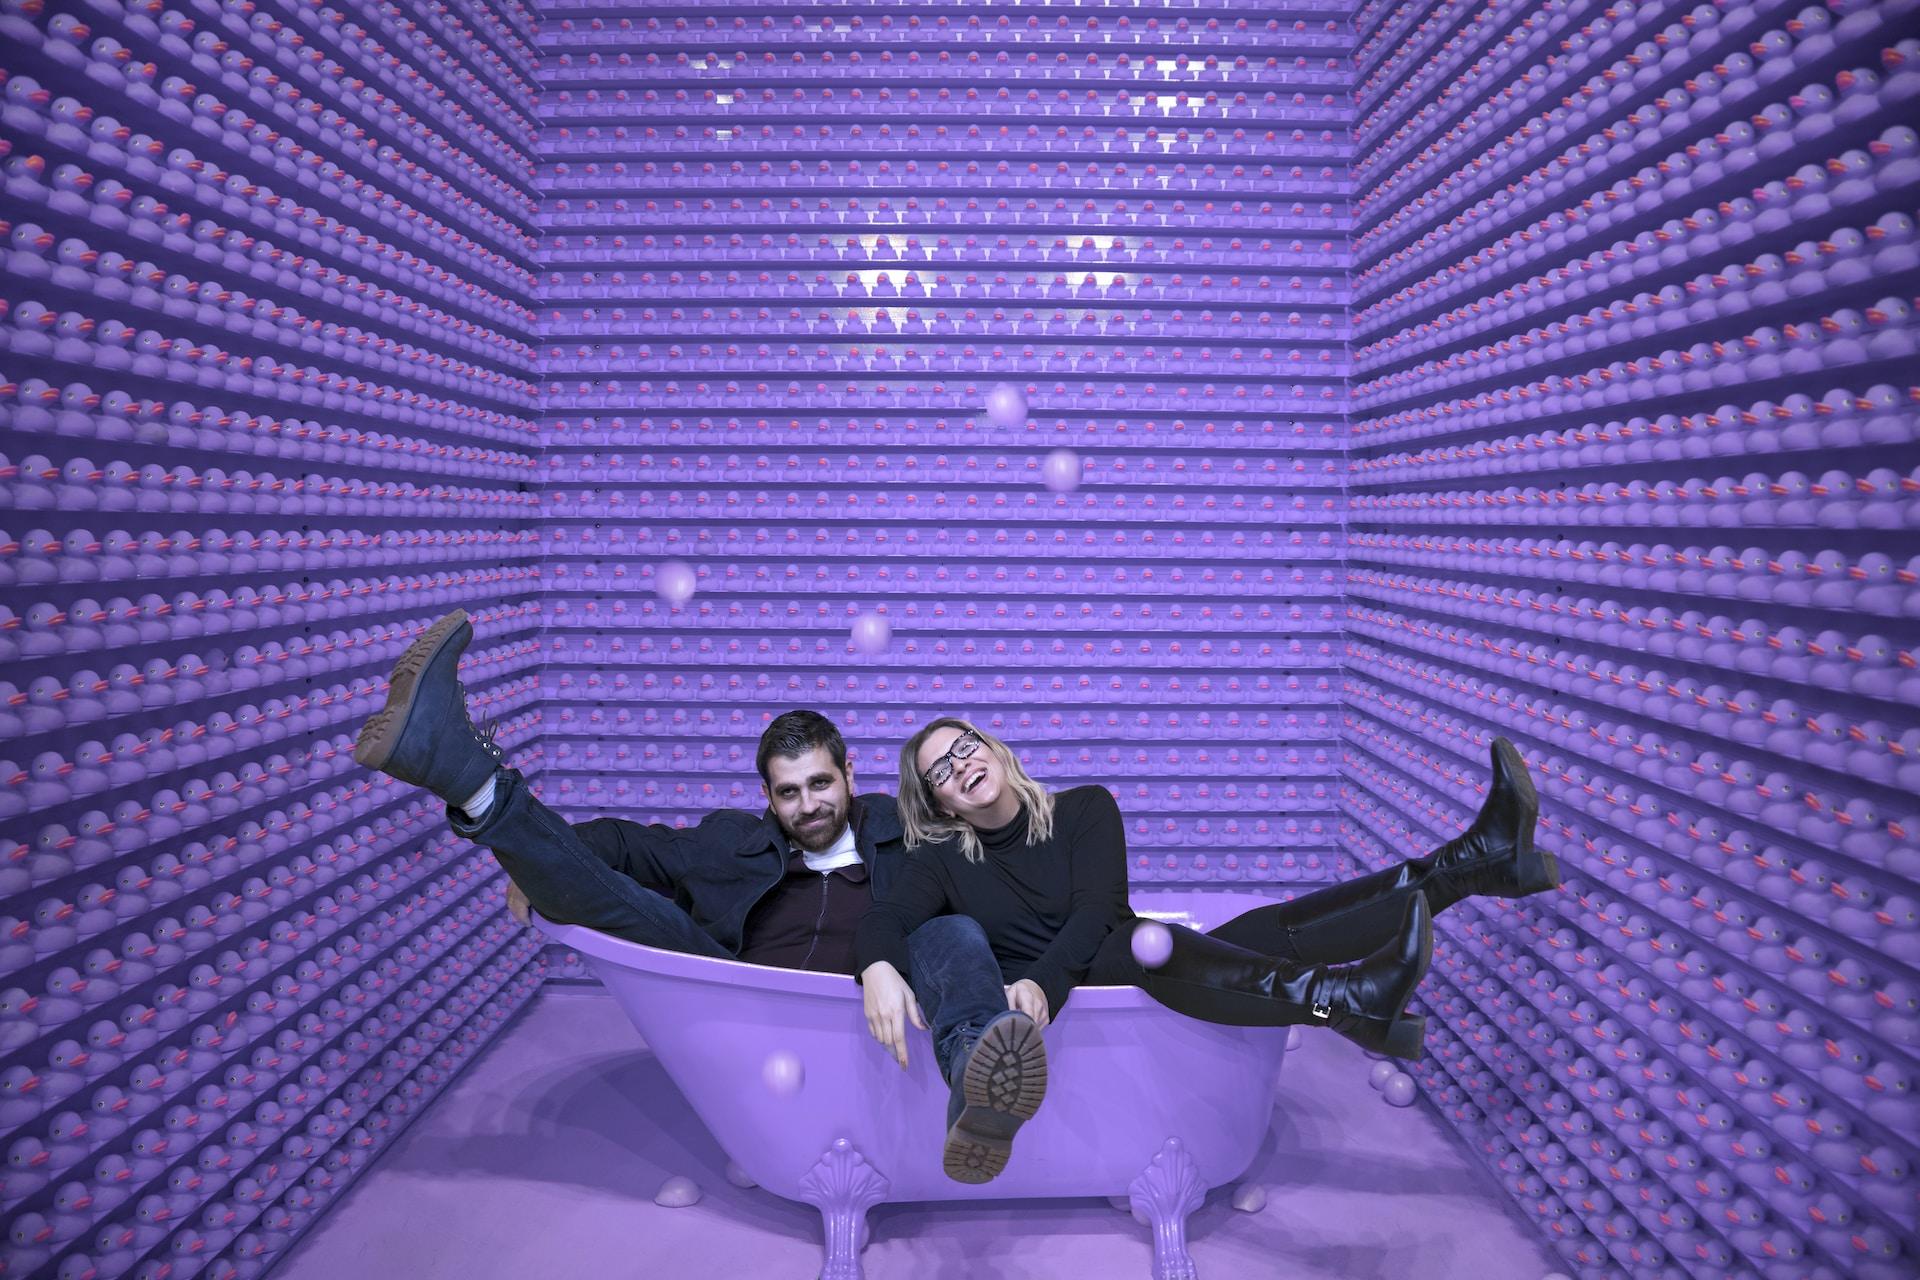 man and woman sitting in a purple bathtub